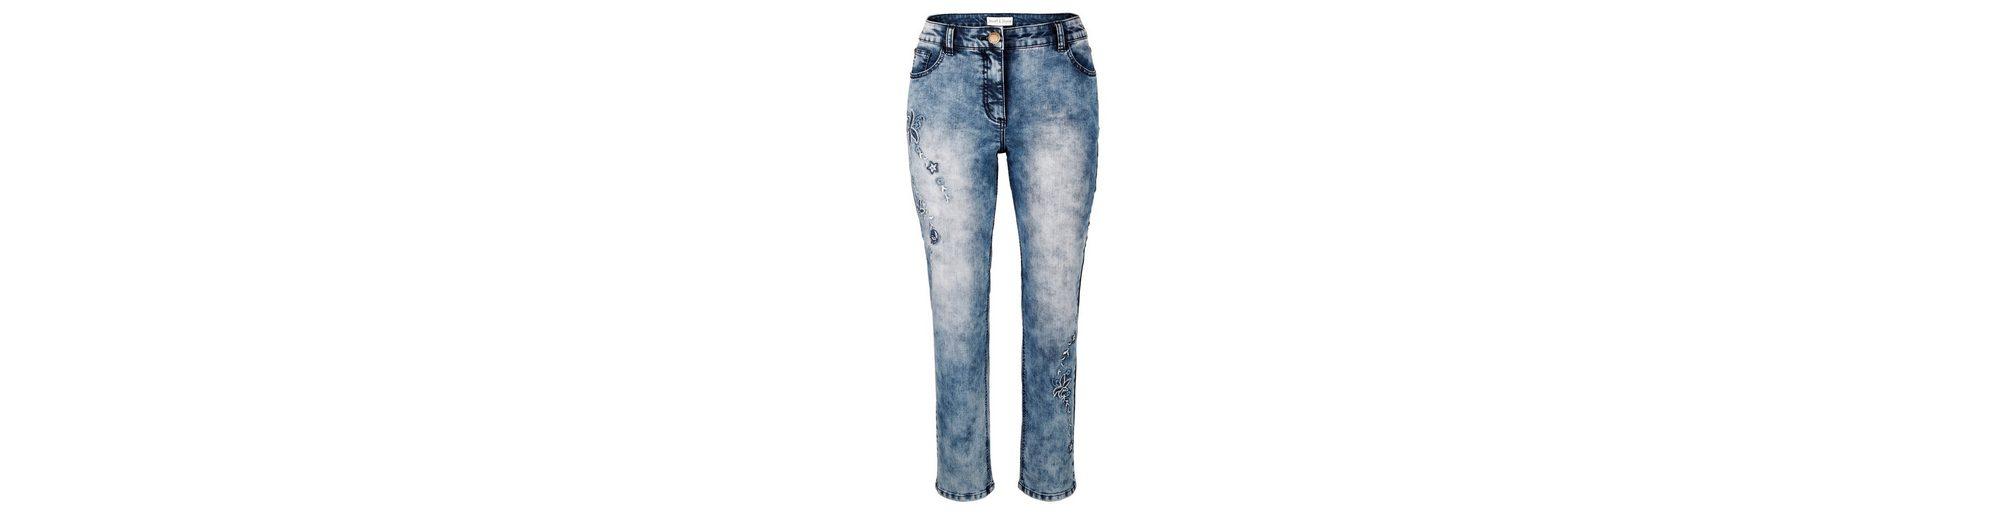 Janet und Joyce by Happy Size 7/8 Slim Fit Jeans mit Stickerei Auslass Wirklich Günstig Für Schön Mit Paypal Online Rabatte Günstig Online Verkauf Besten Platz 7vvOU